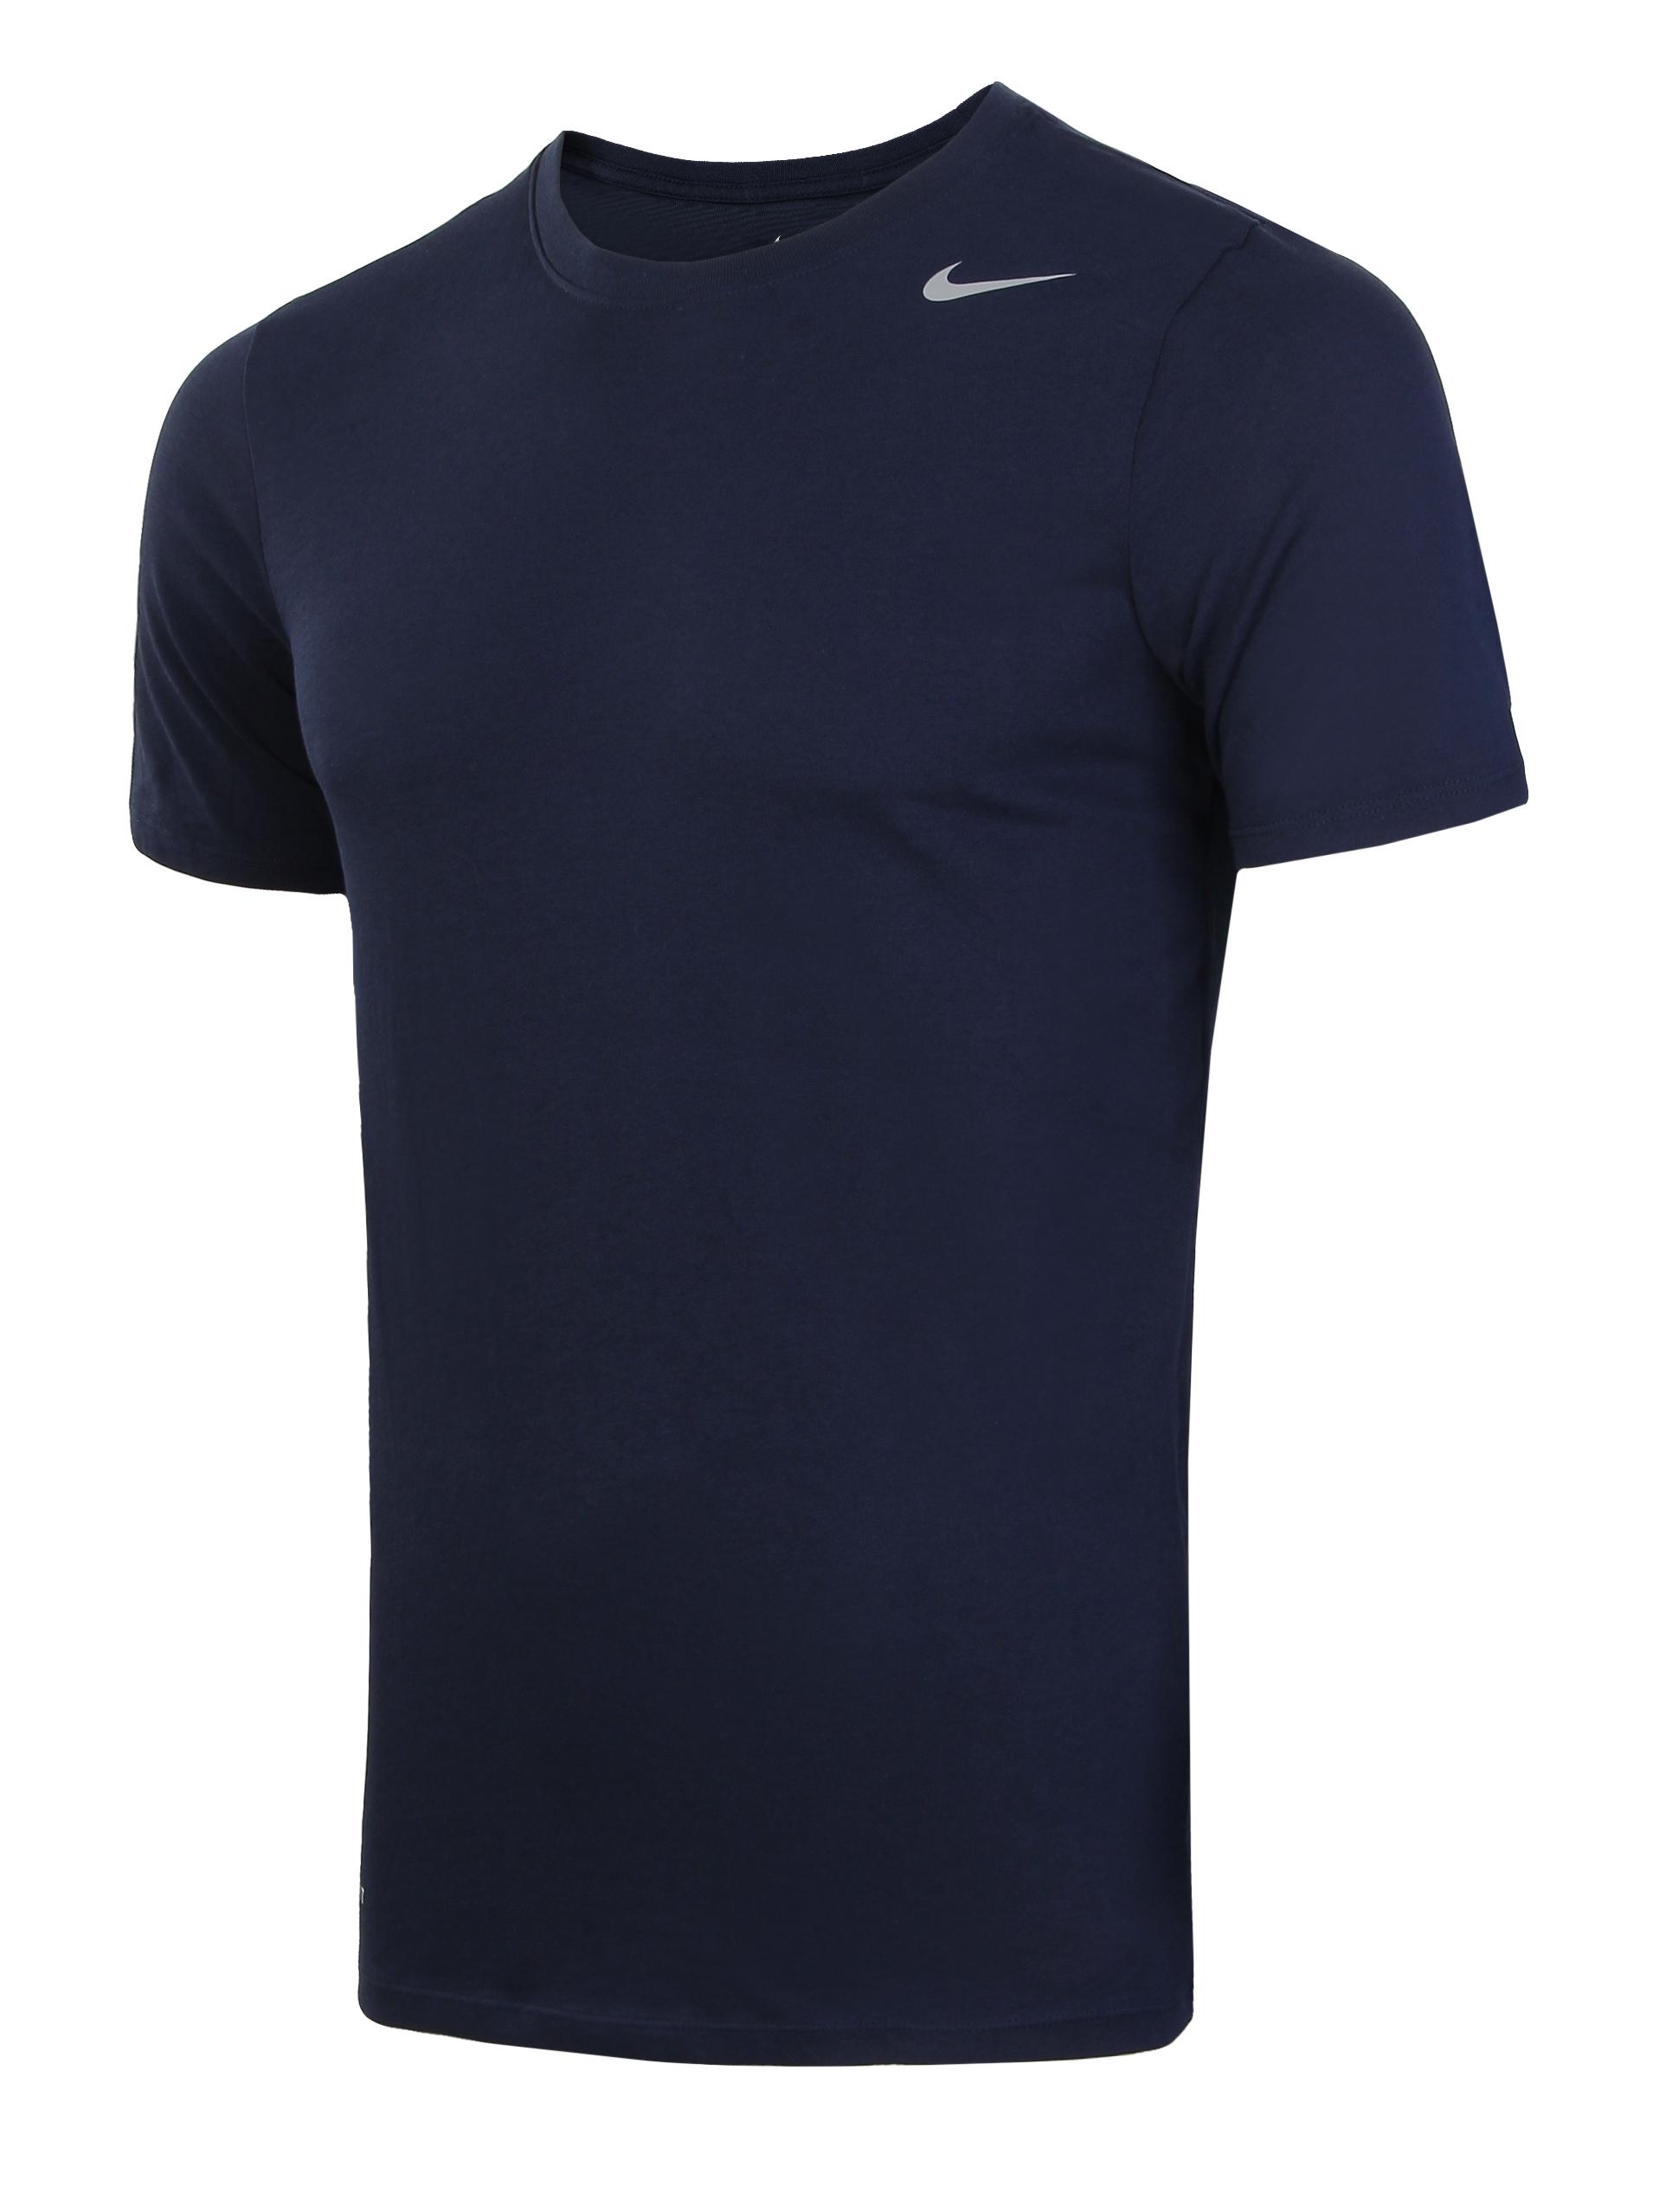 29150f5a Футболка мужская Nike Dri-FIT Cotton Short-Sleeve 2.0 темно-синяя ...